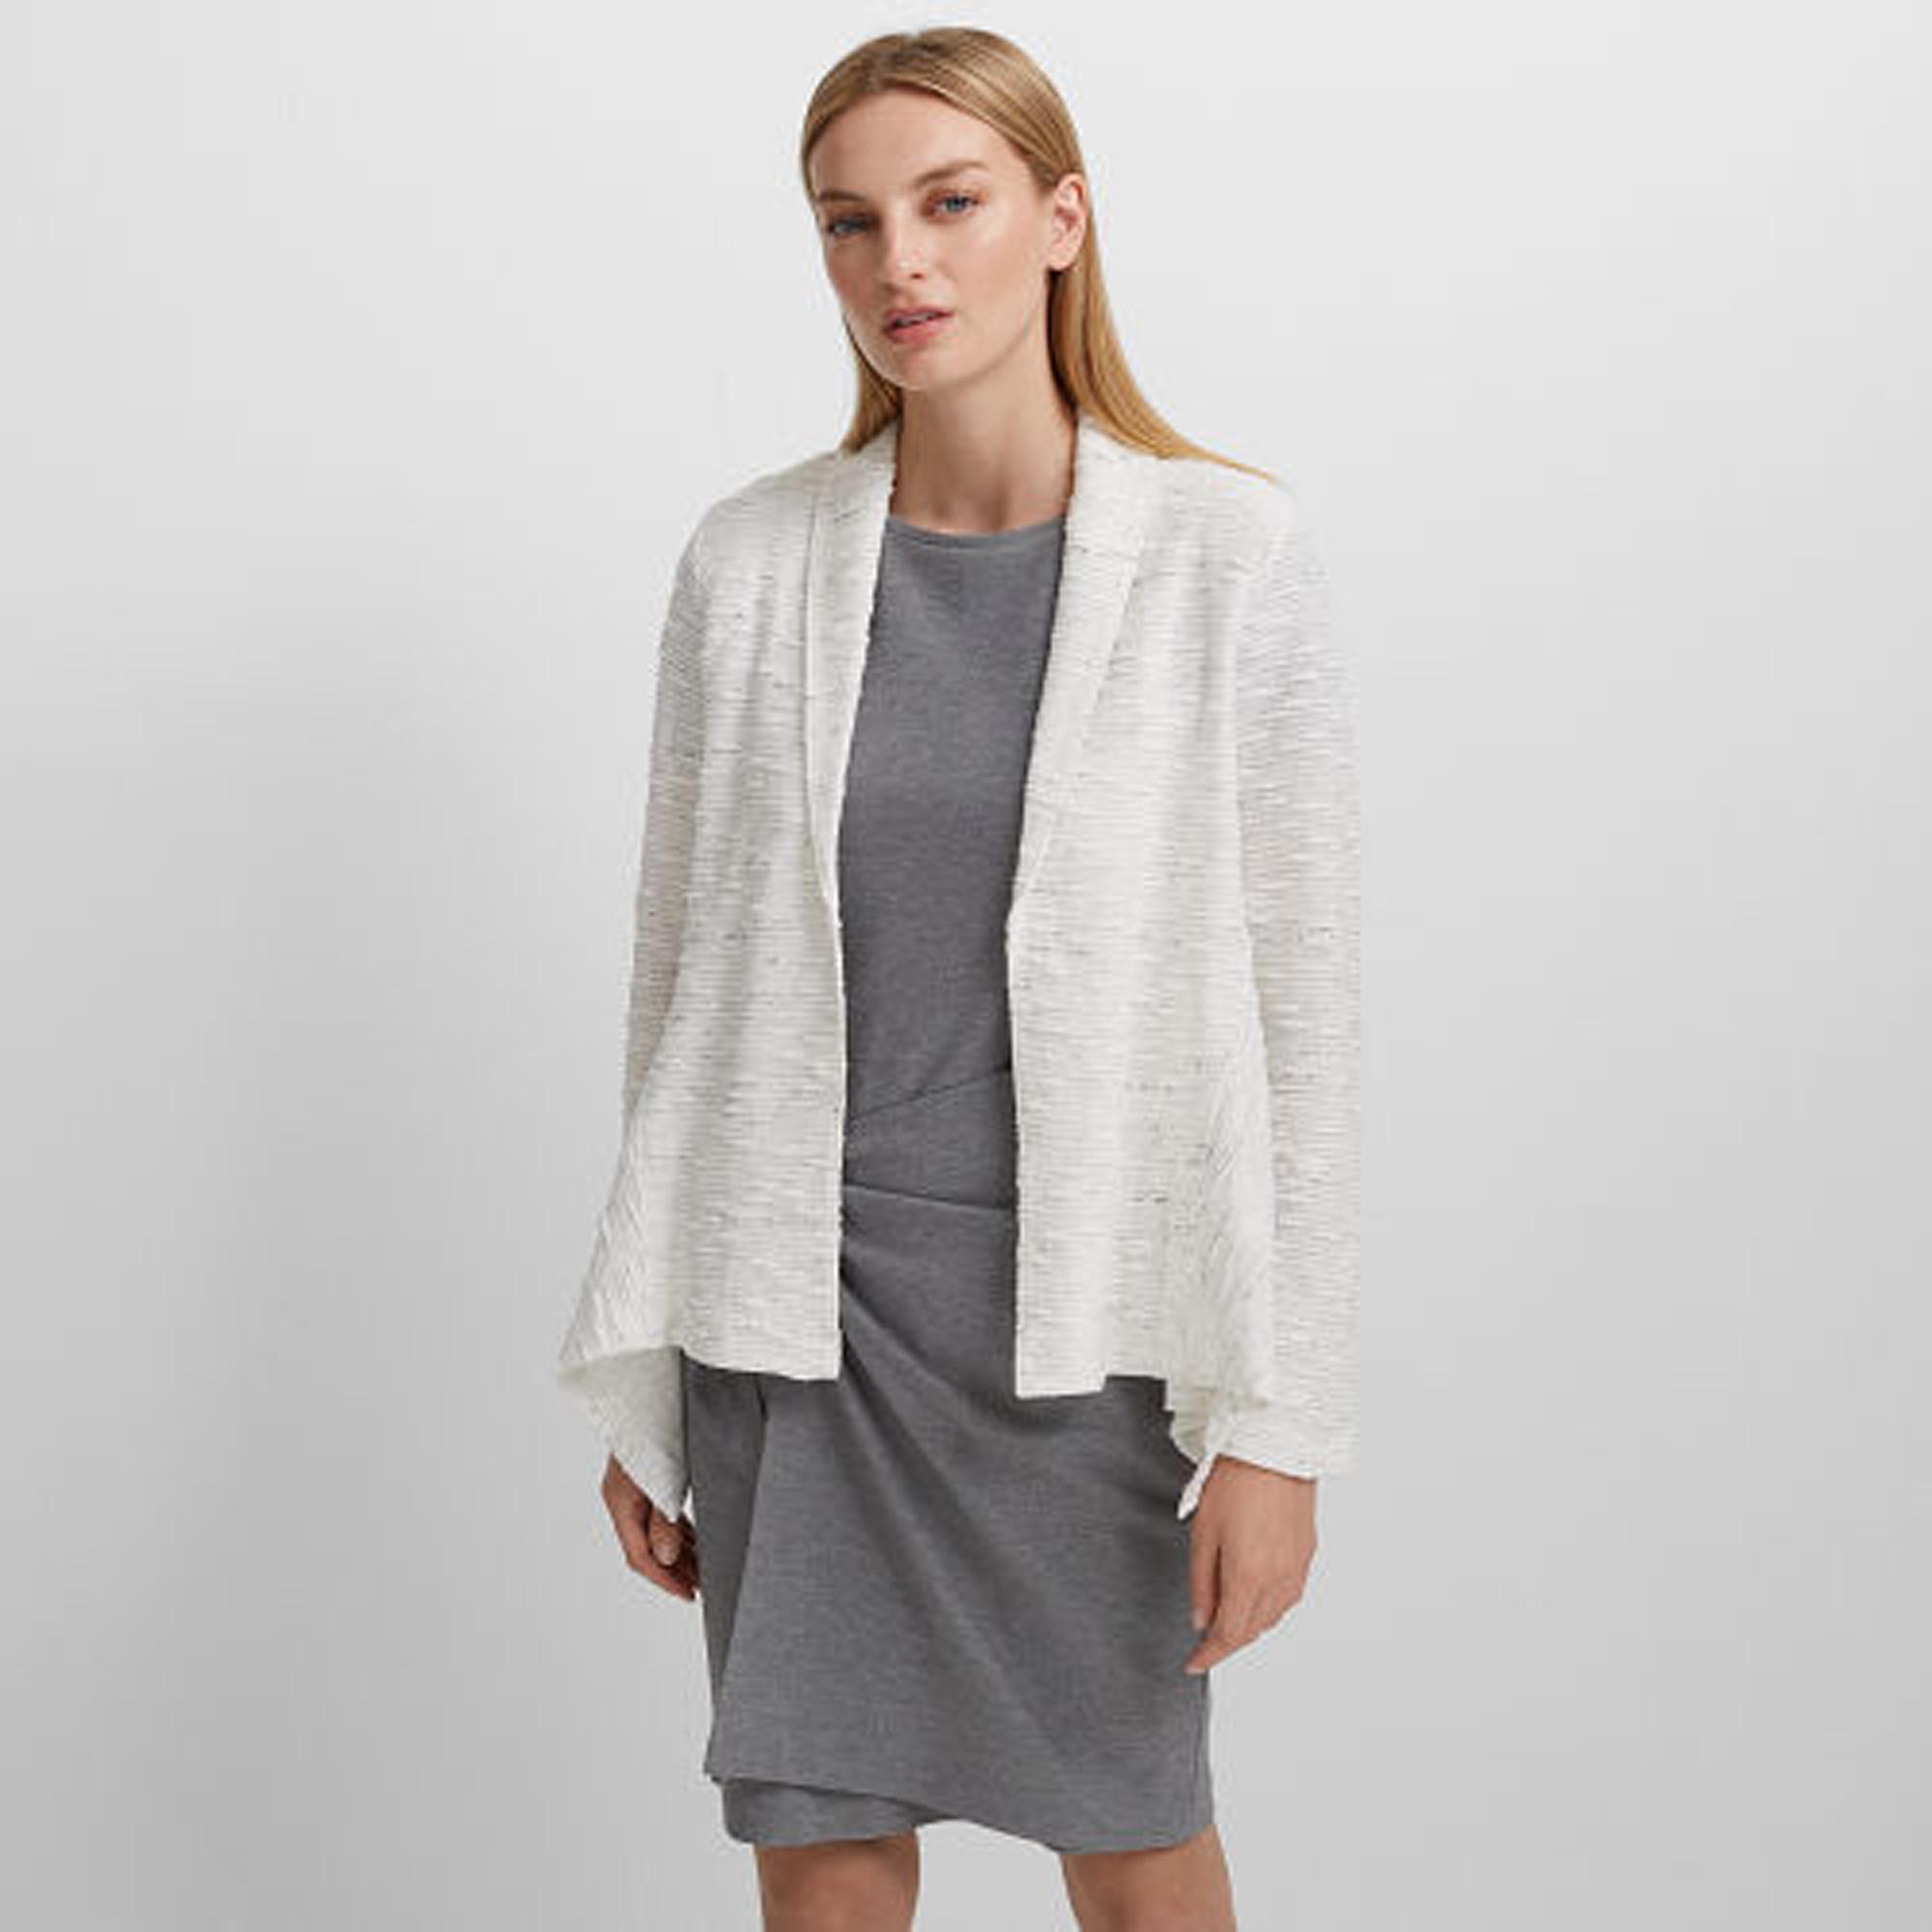 Koree Jacket   HK$2,190